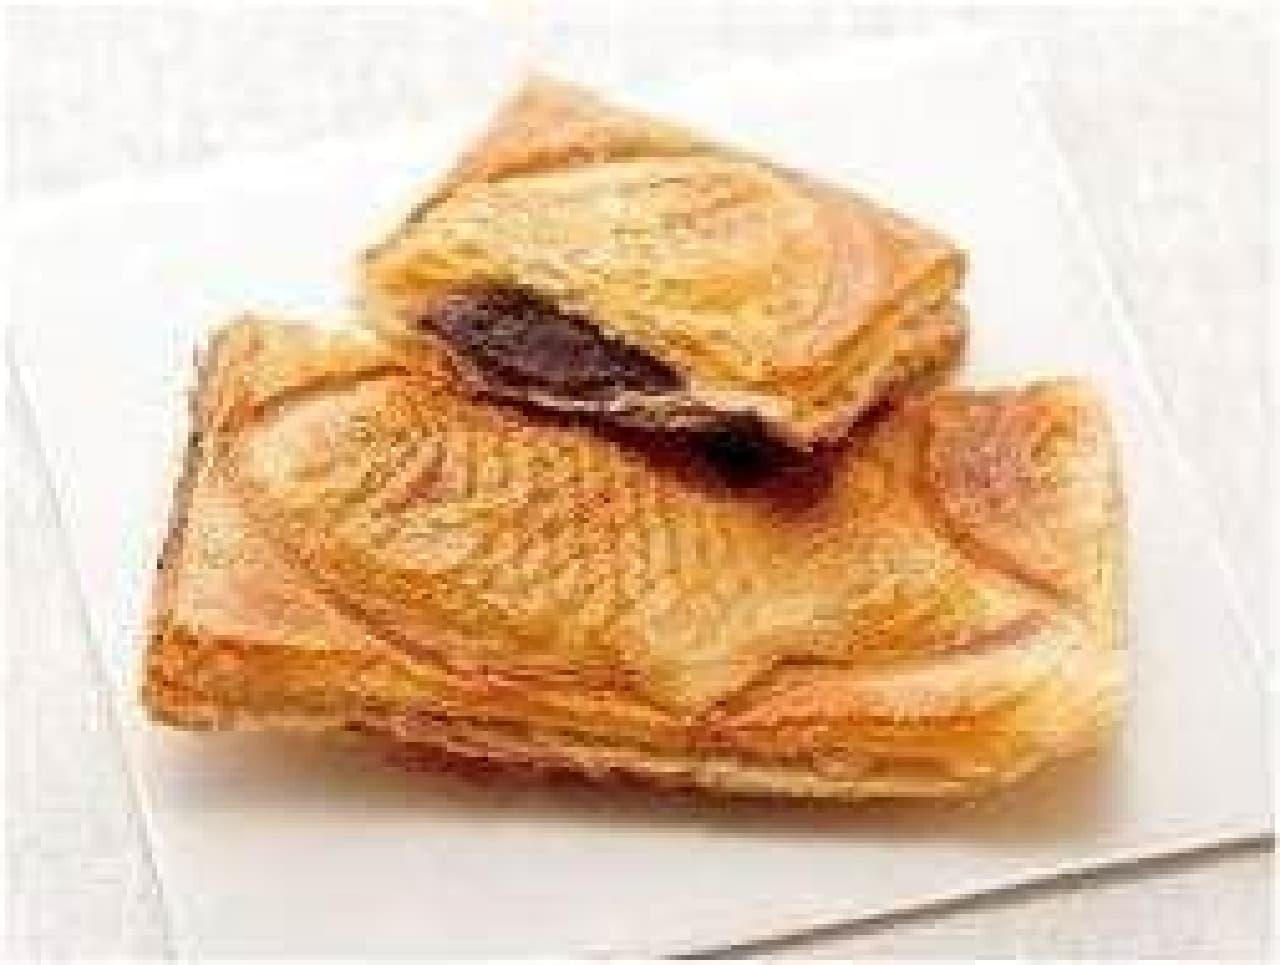 パイ専門店が作る「パイたい焼き」